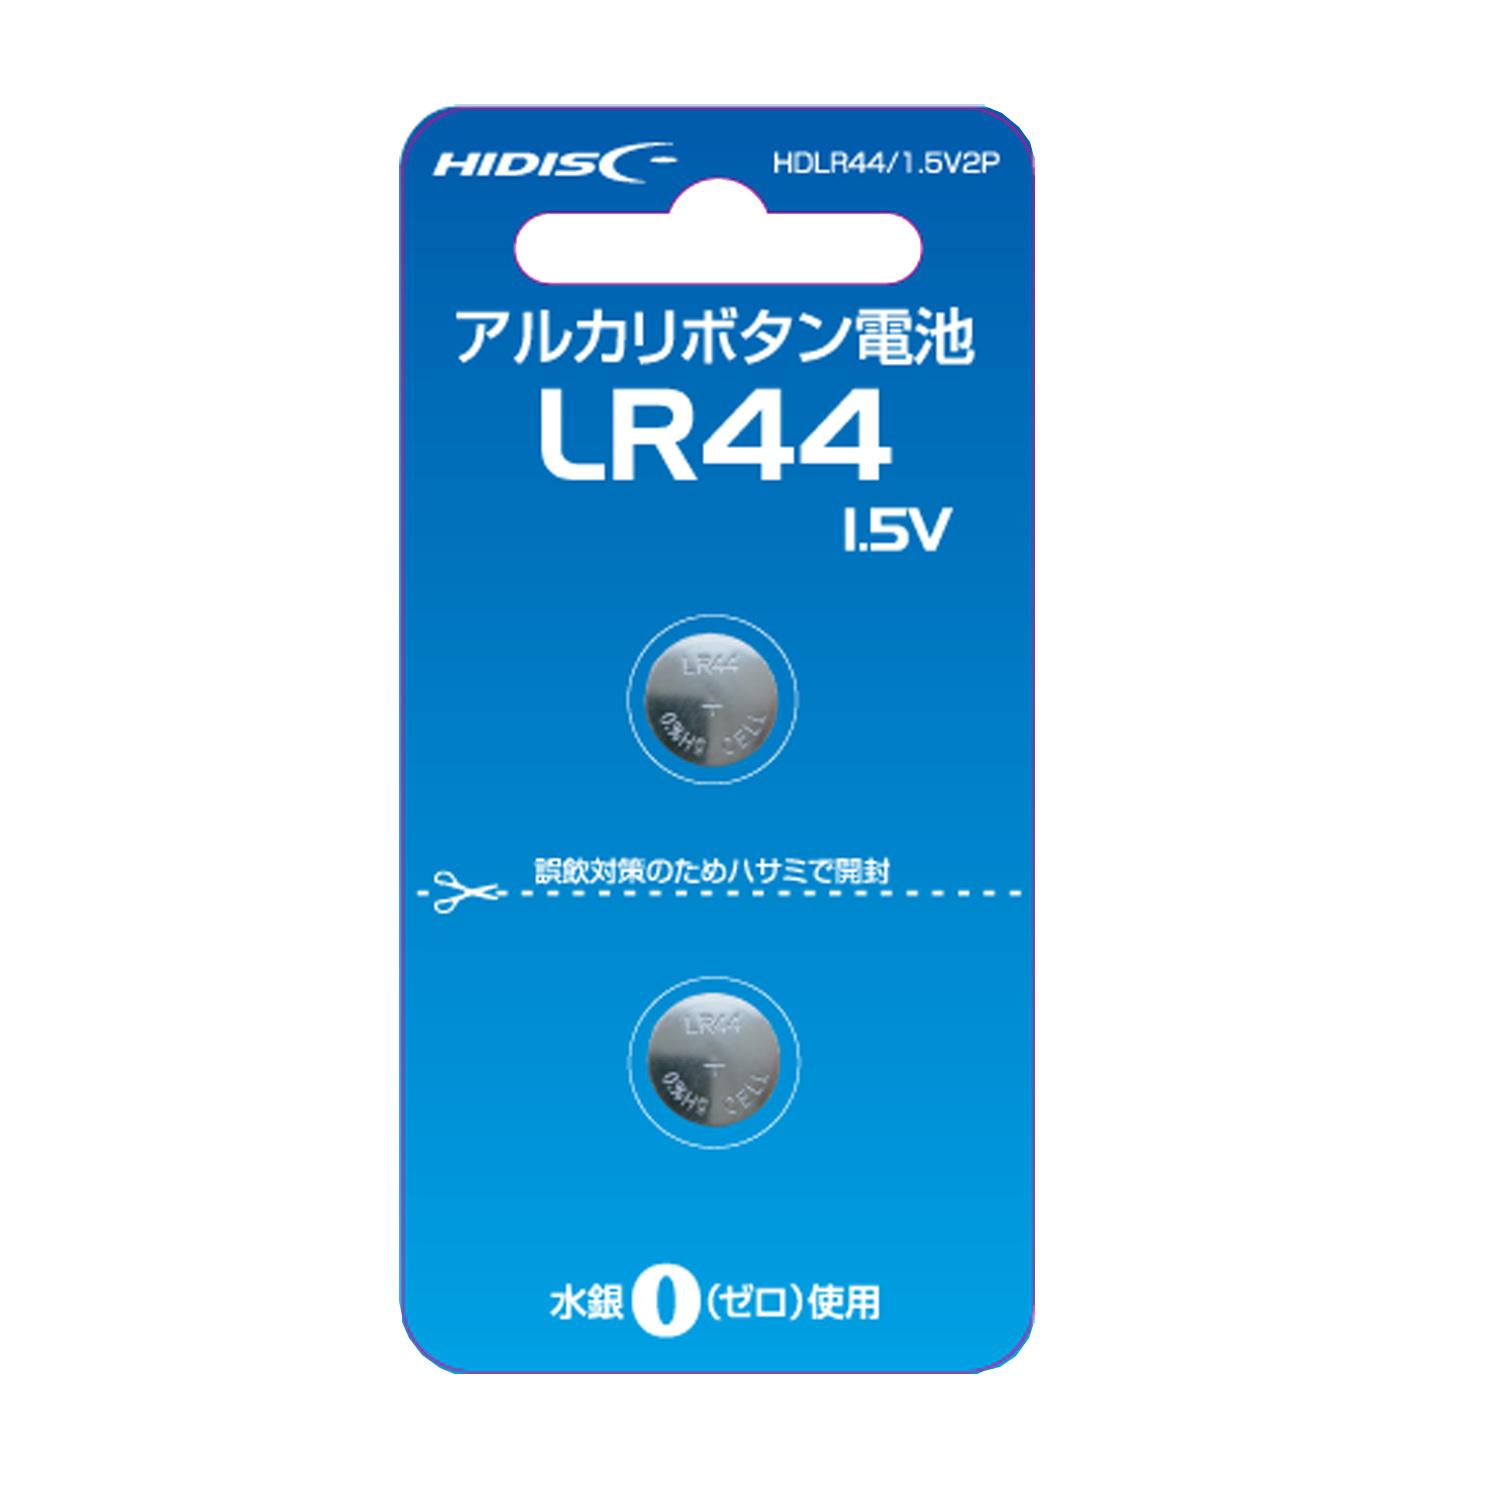 リチウムコイン電池HDLR44/1.5V2P 2個パック